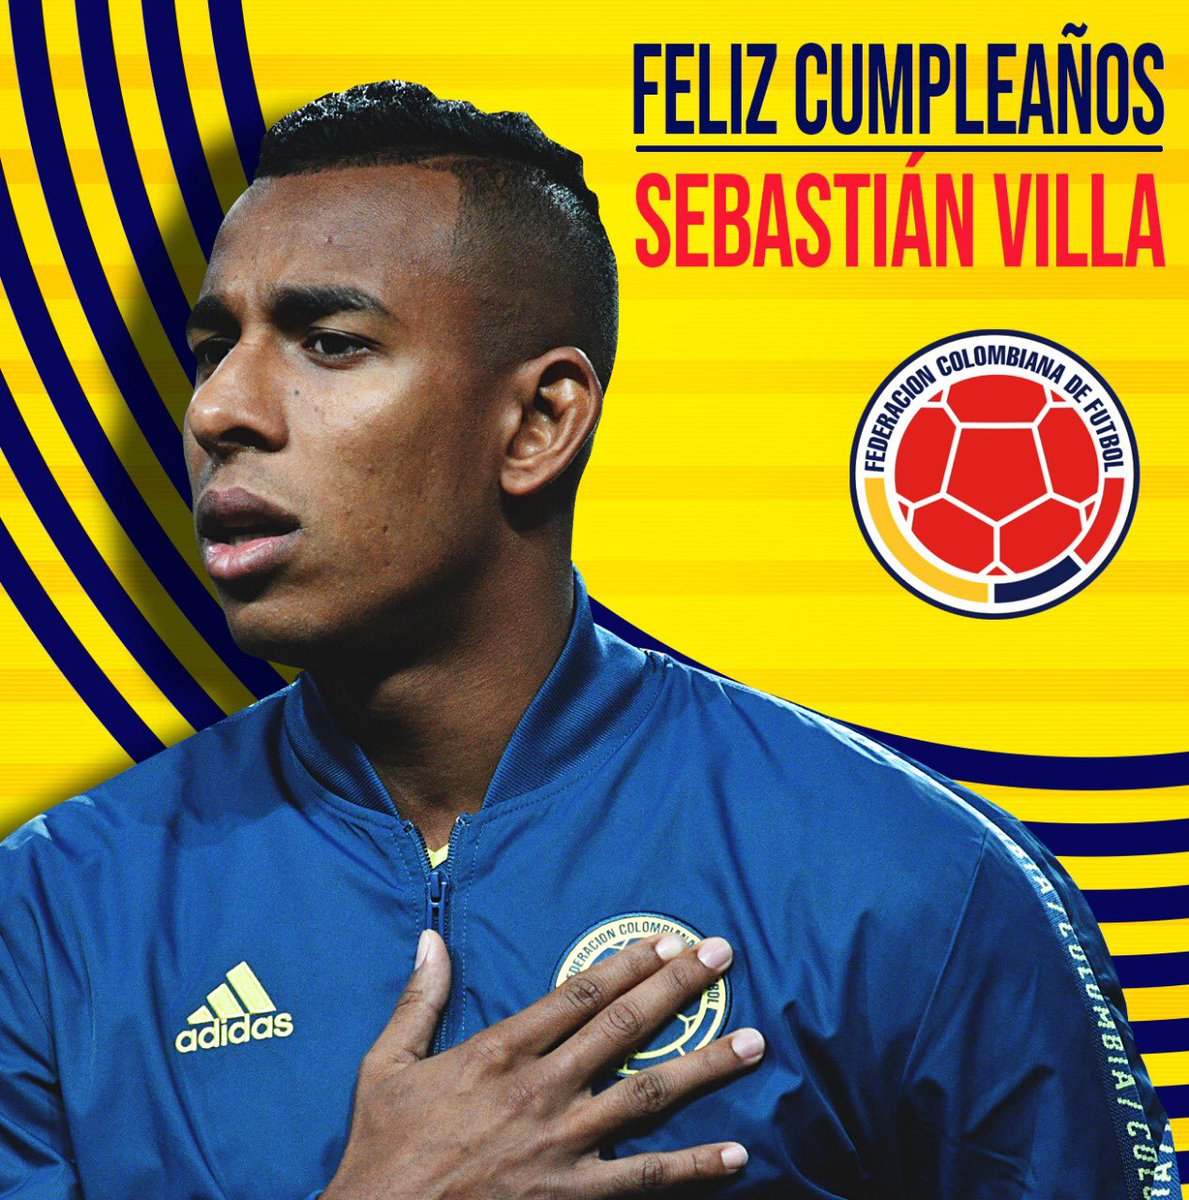 Feliz cumpleaños #️⃣2️⃣3️⃣ para Sebastián Villa. ¡Que sean muchos más! 🎂⚽️